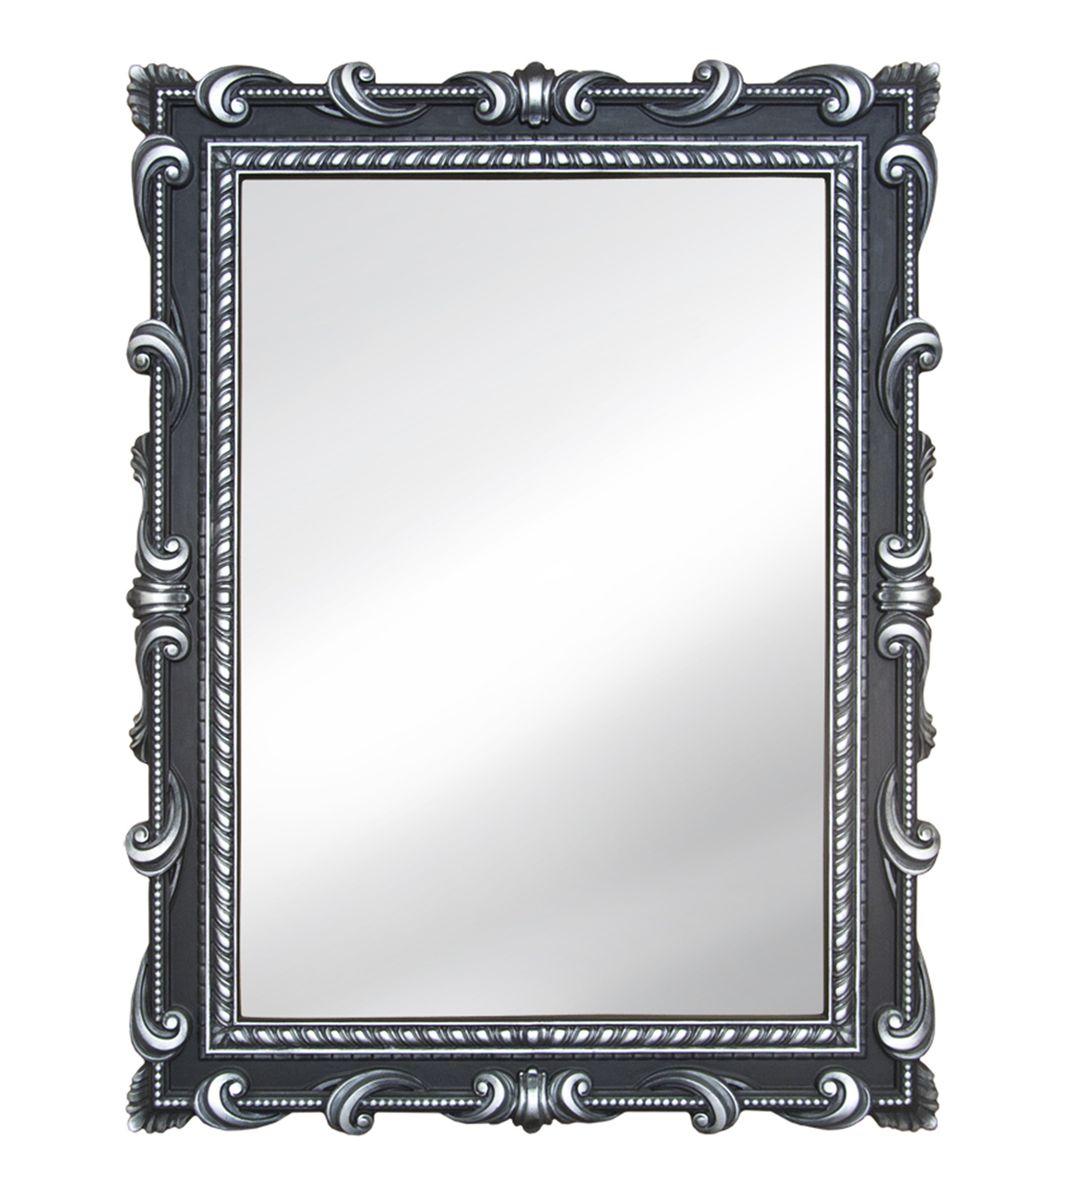 Зеркало VezzoLLi Тениа, цвет: черный, 94 х 72 см12-32С обратной стороны зеркало снабжено тремя металлическими подвесами для возможности разместить его и вертикально и горизонтально.